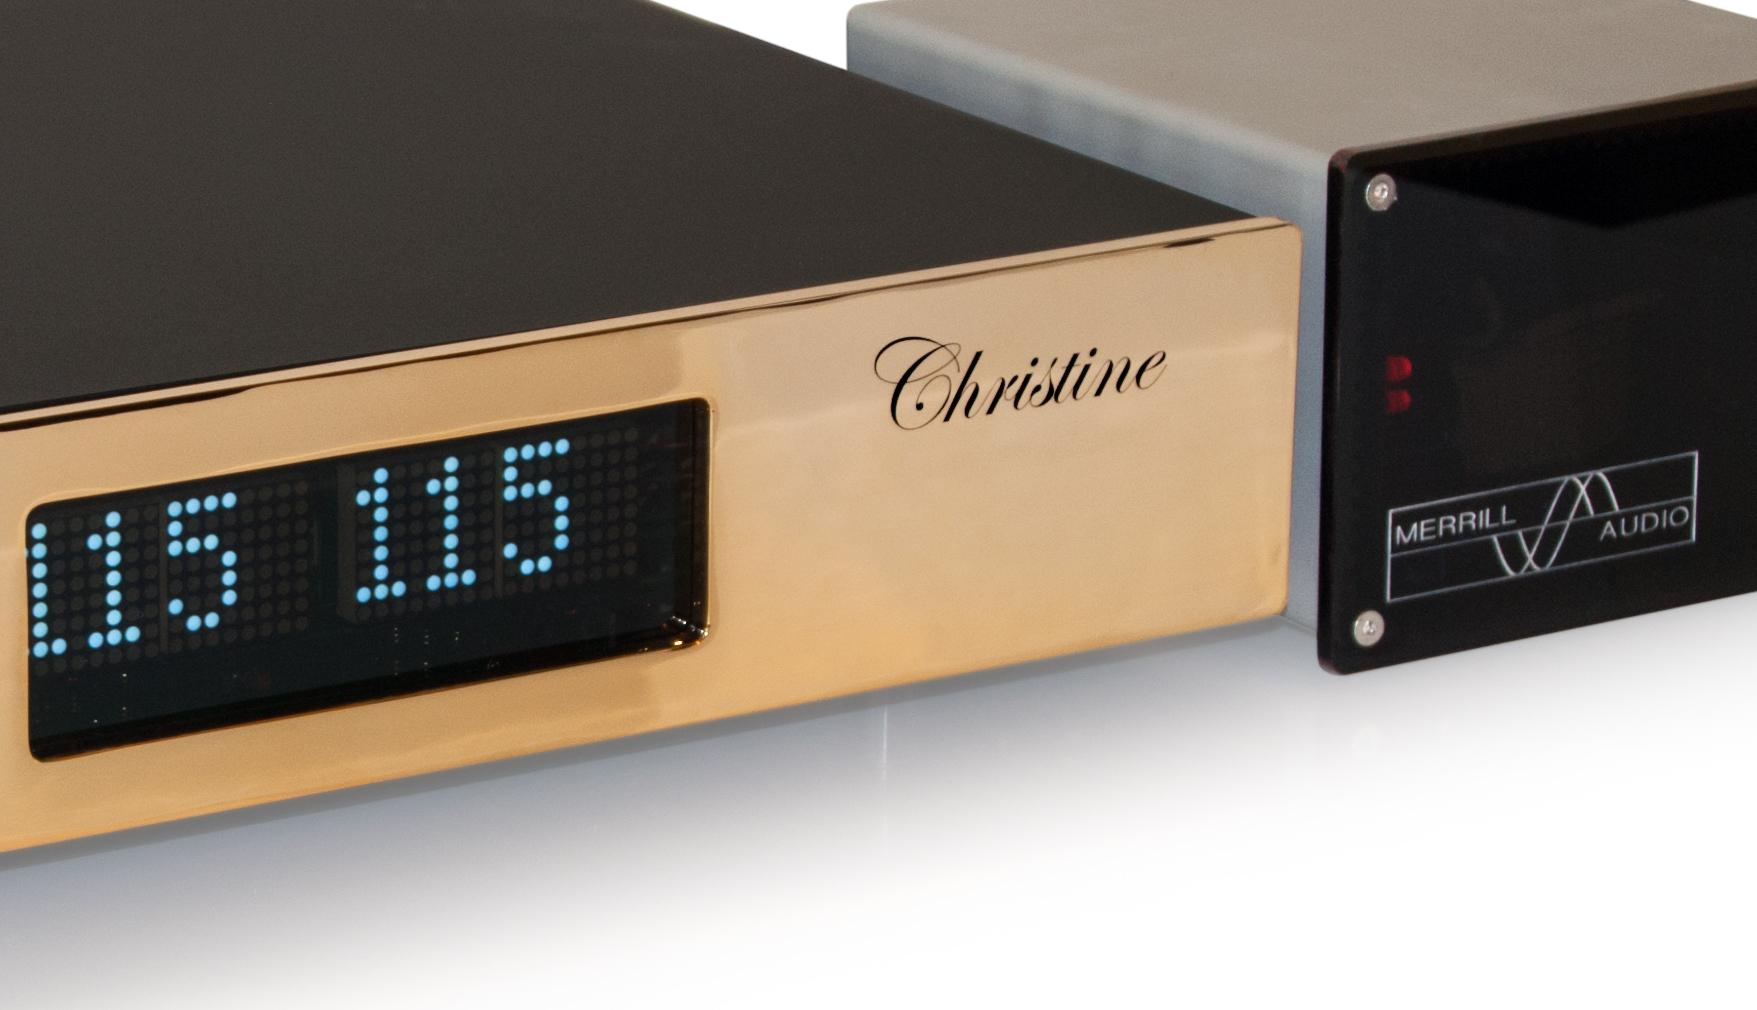 Merrill Audio Christine Preamplifier